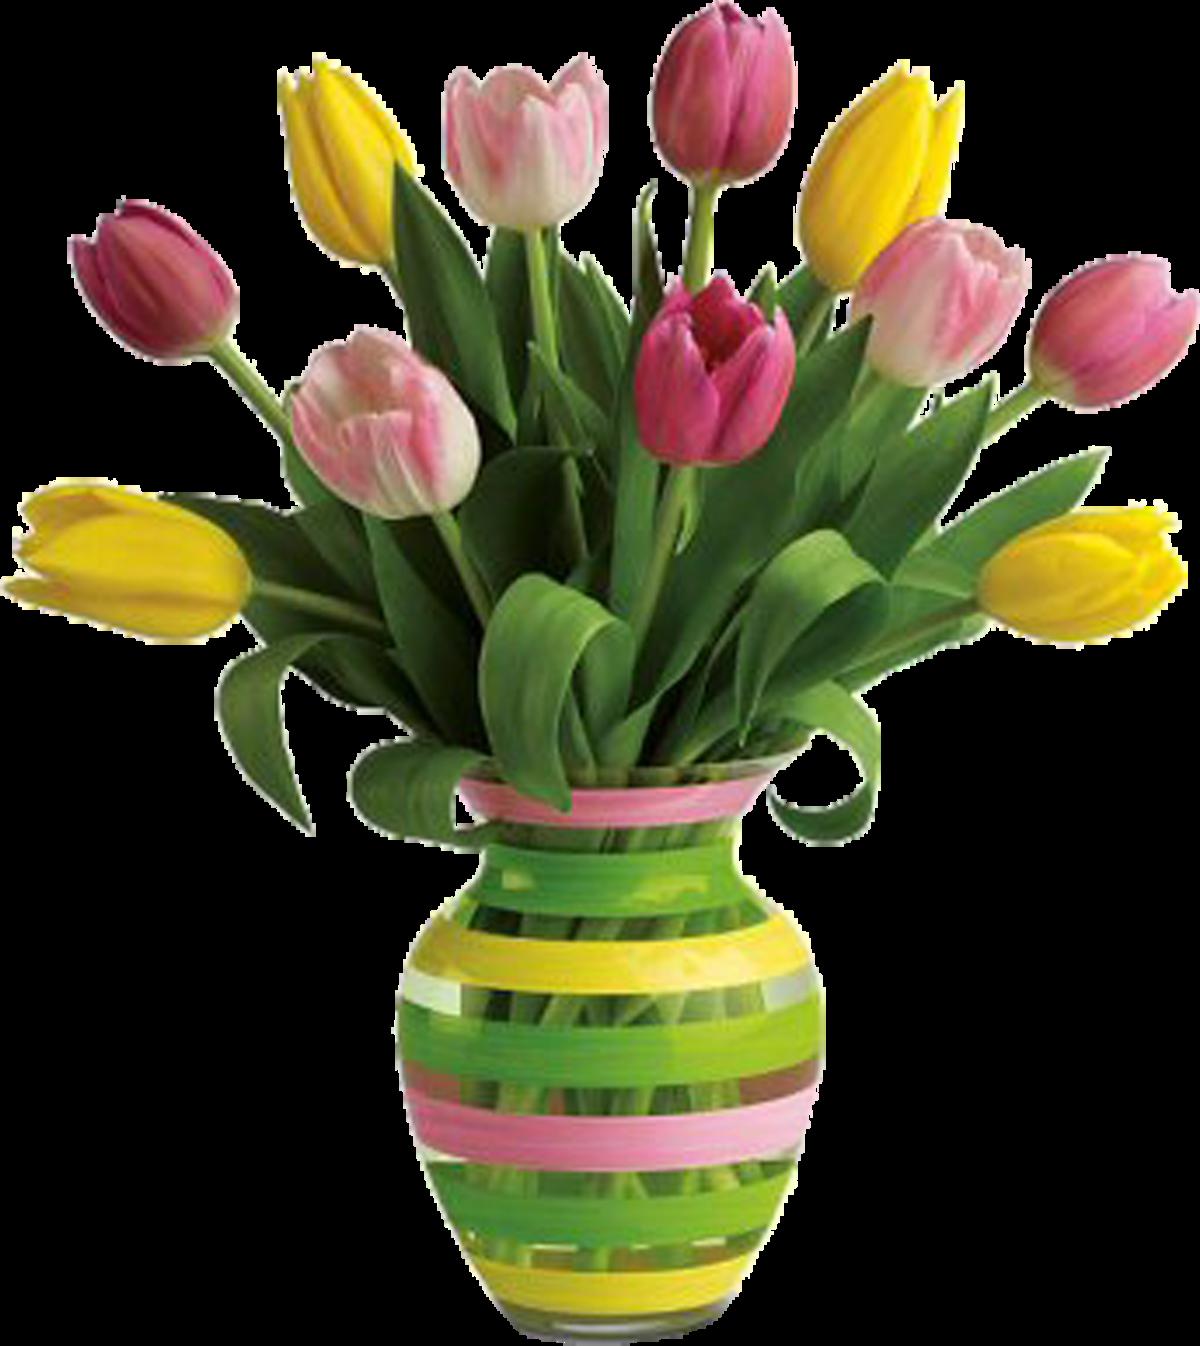 Картинка букет цветов в вазе для детей